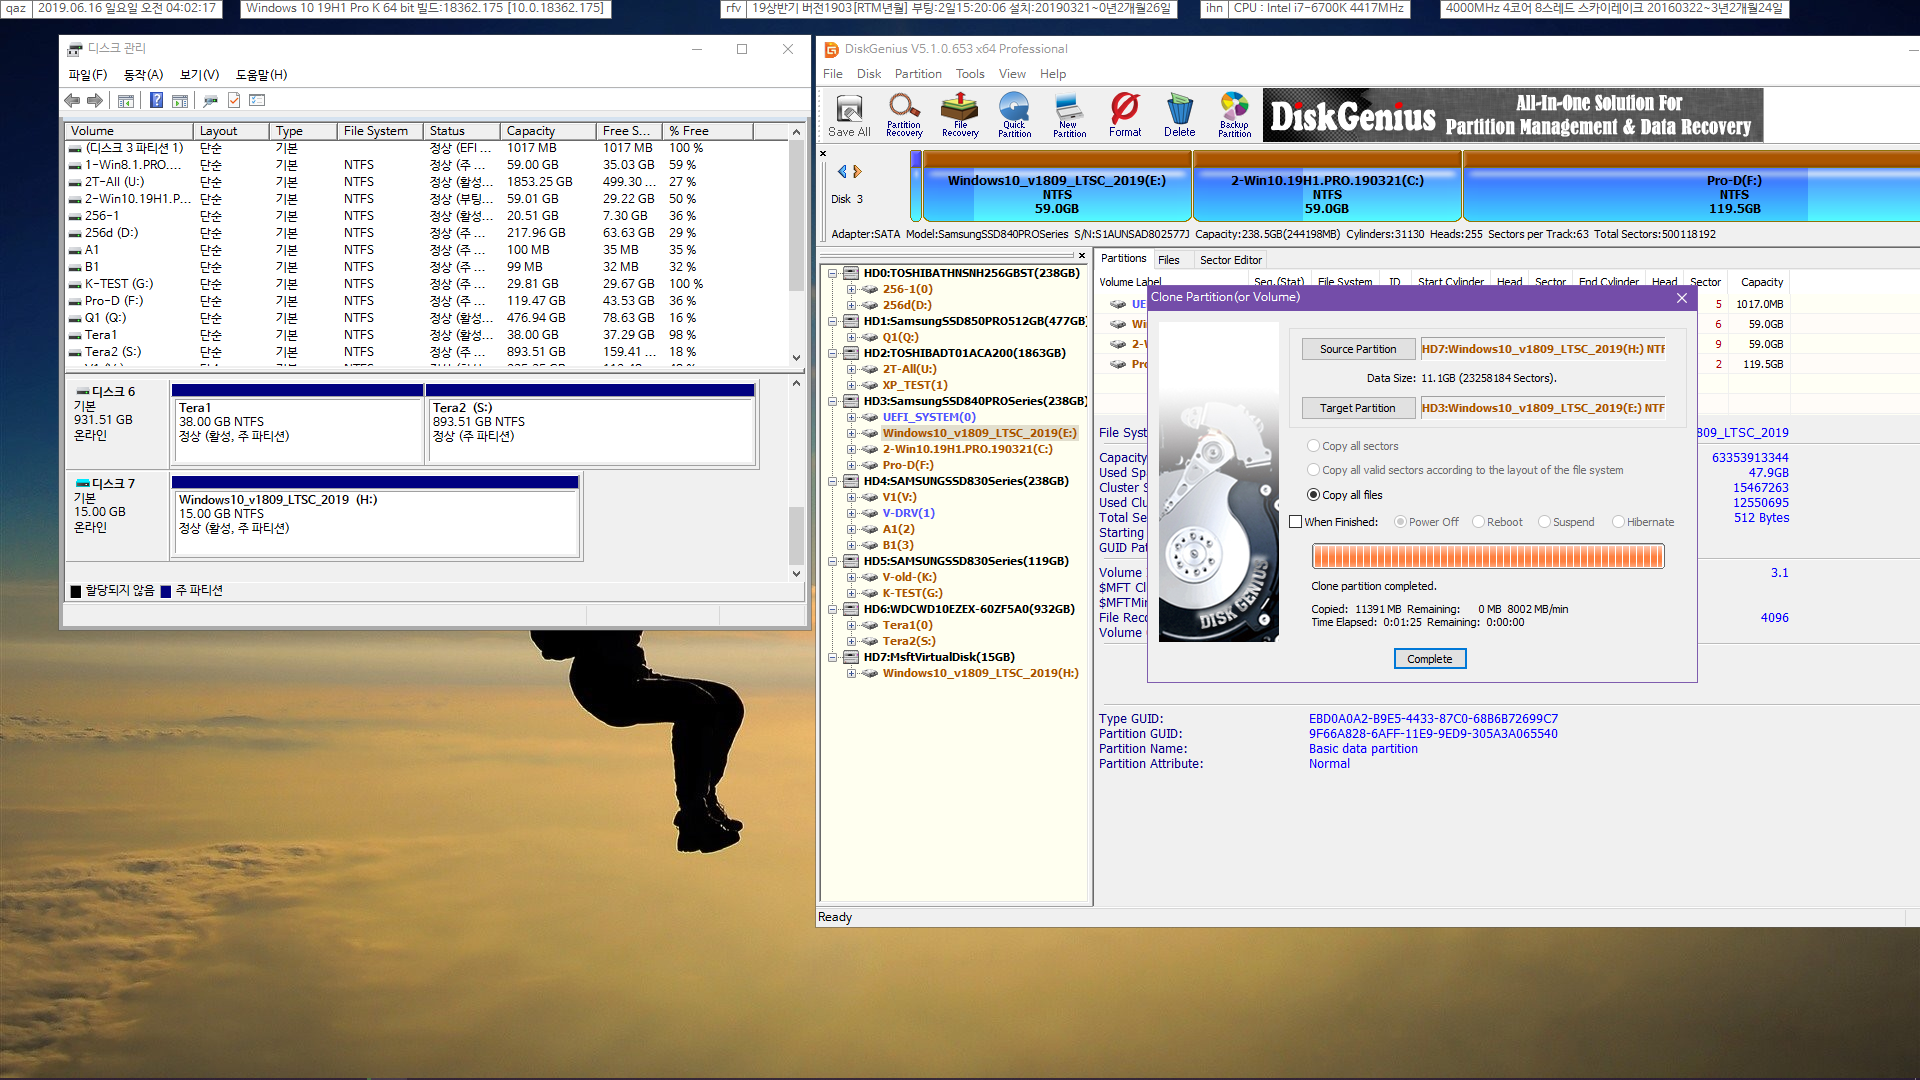 VHD를 실컴에 복구하기 - 파티션 복제, bcdboot, 하이브 로드하여 드라이브 문자들은 전부 삭제함 2019-06-16_040218.png